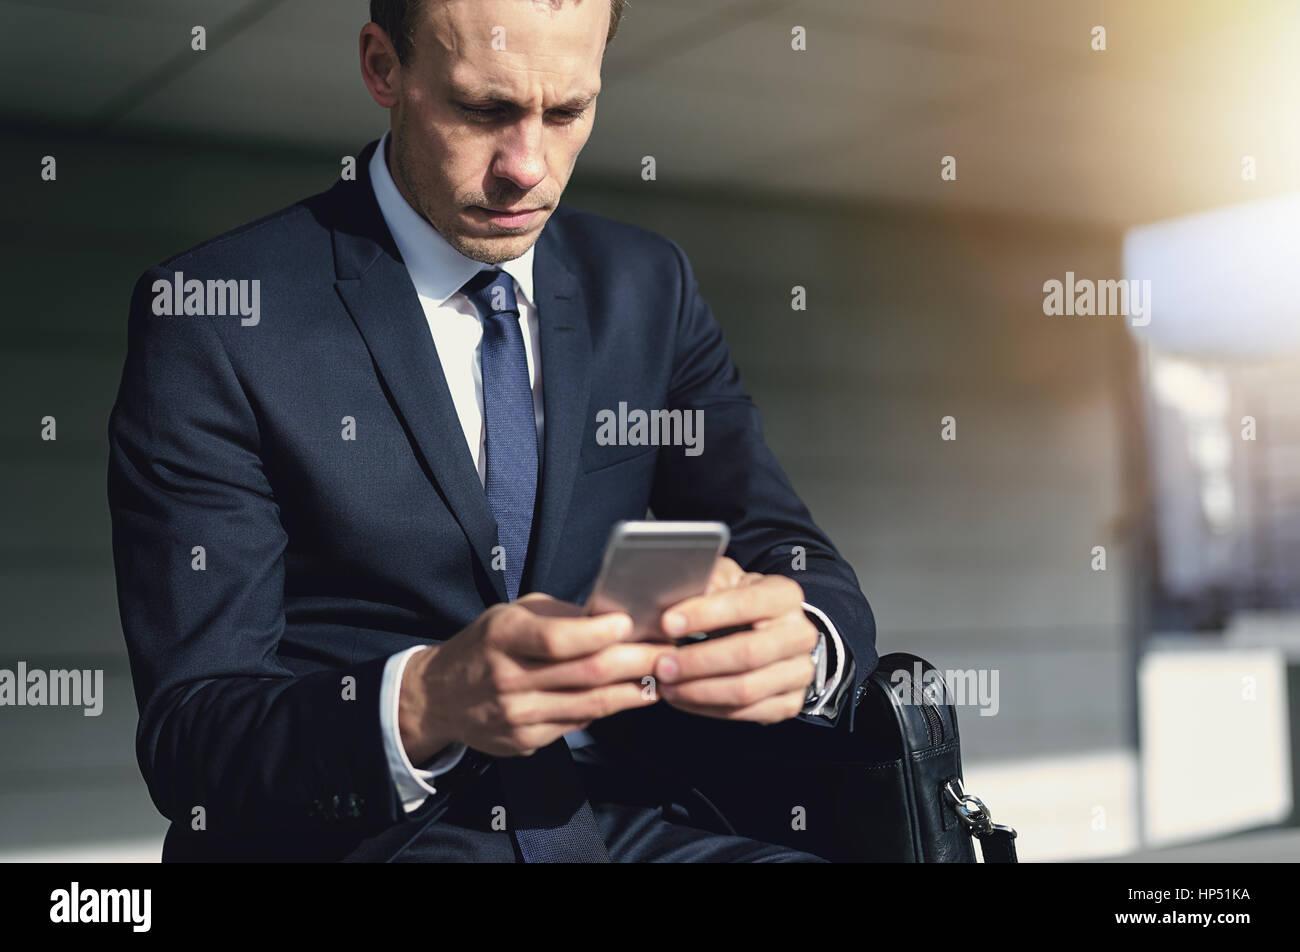 Zuversichtlich gut aussehender Geschäftsmann mit seinem Telefon. Horizontale drinnen geschossen Stockbild